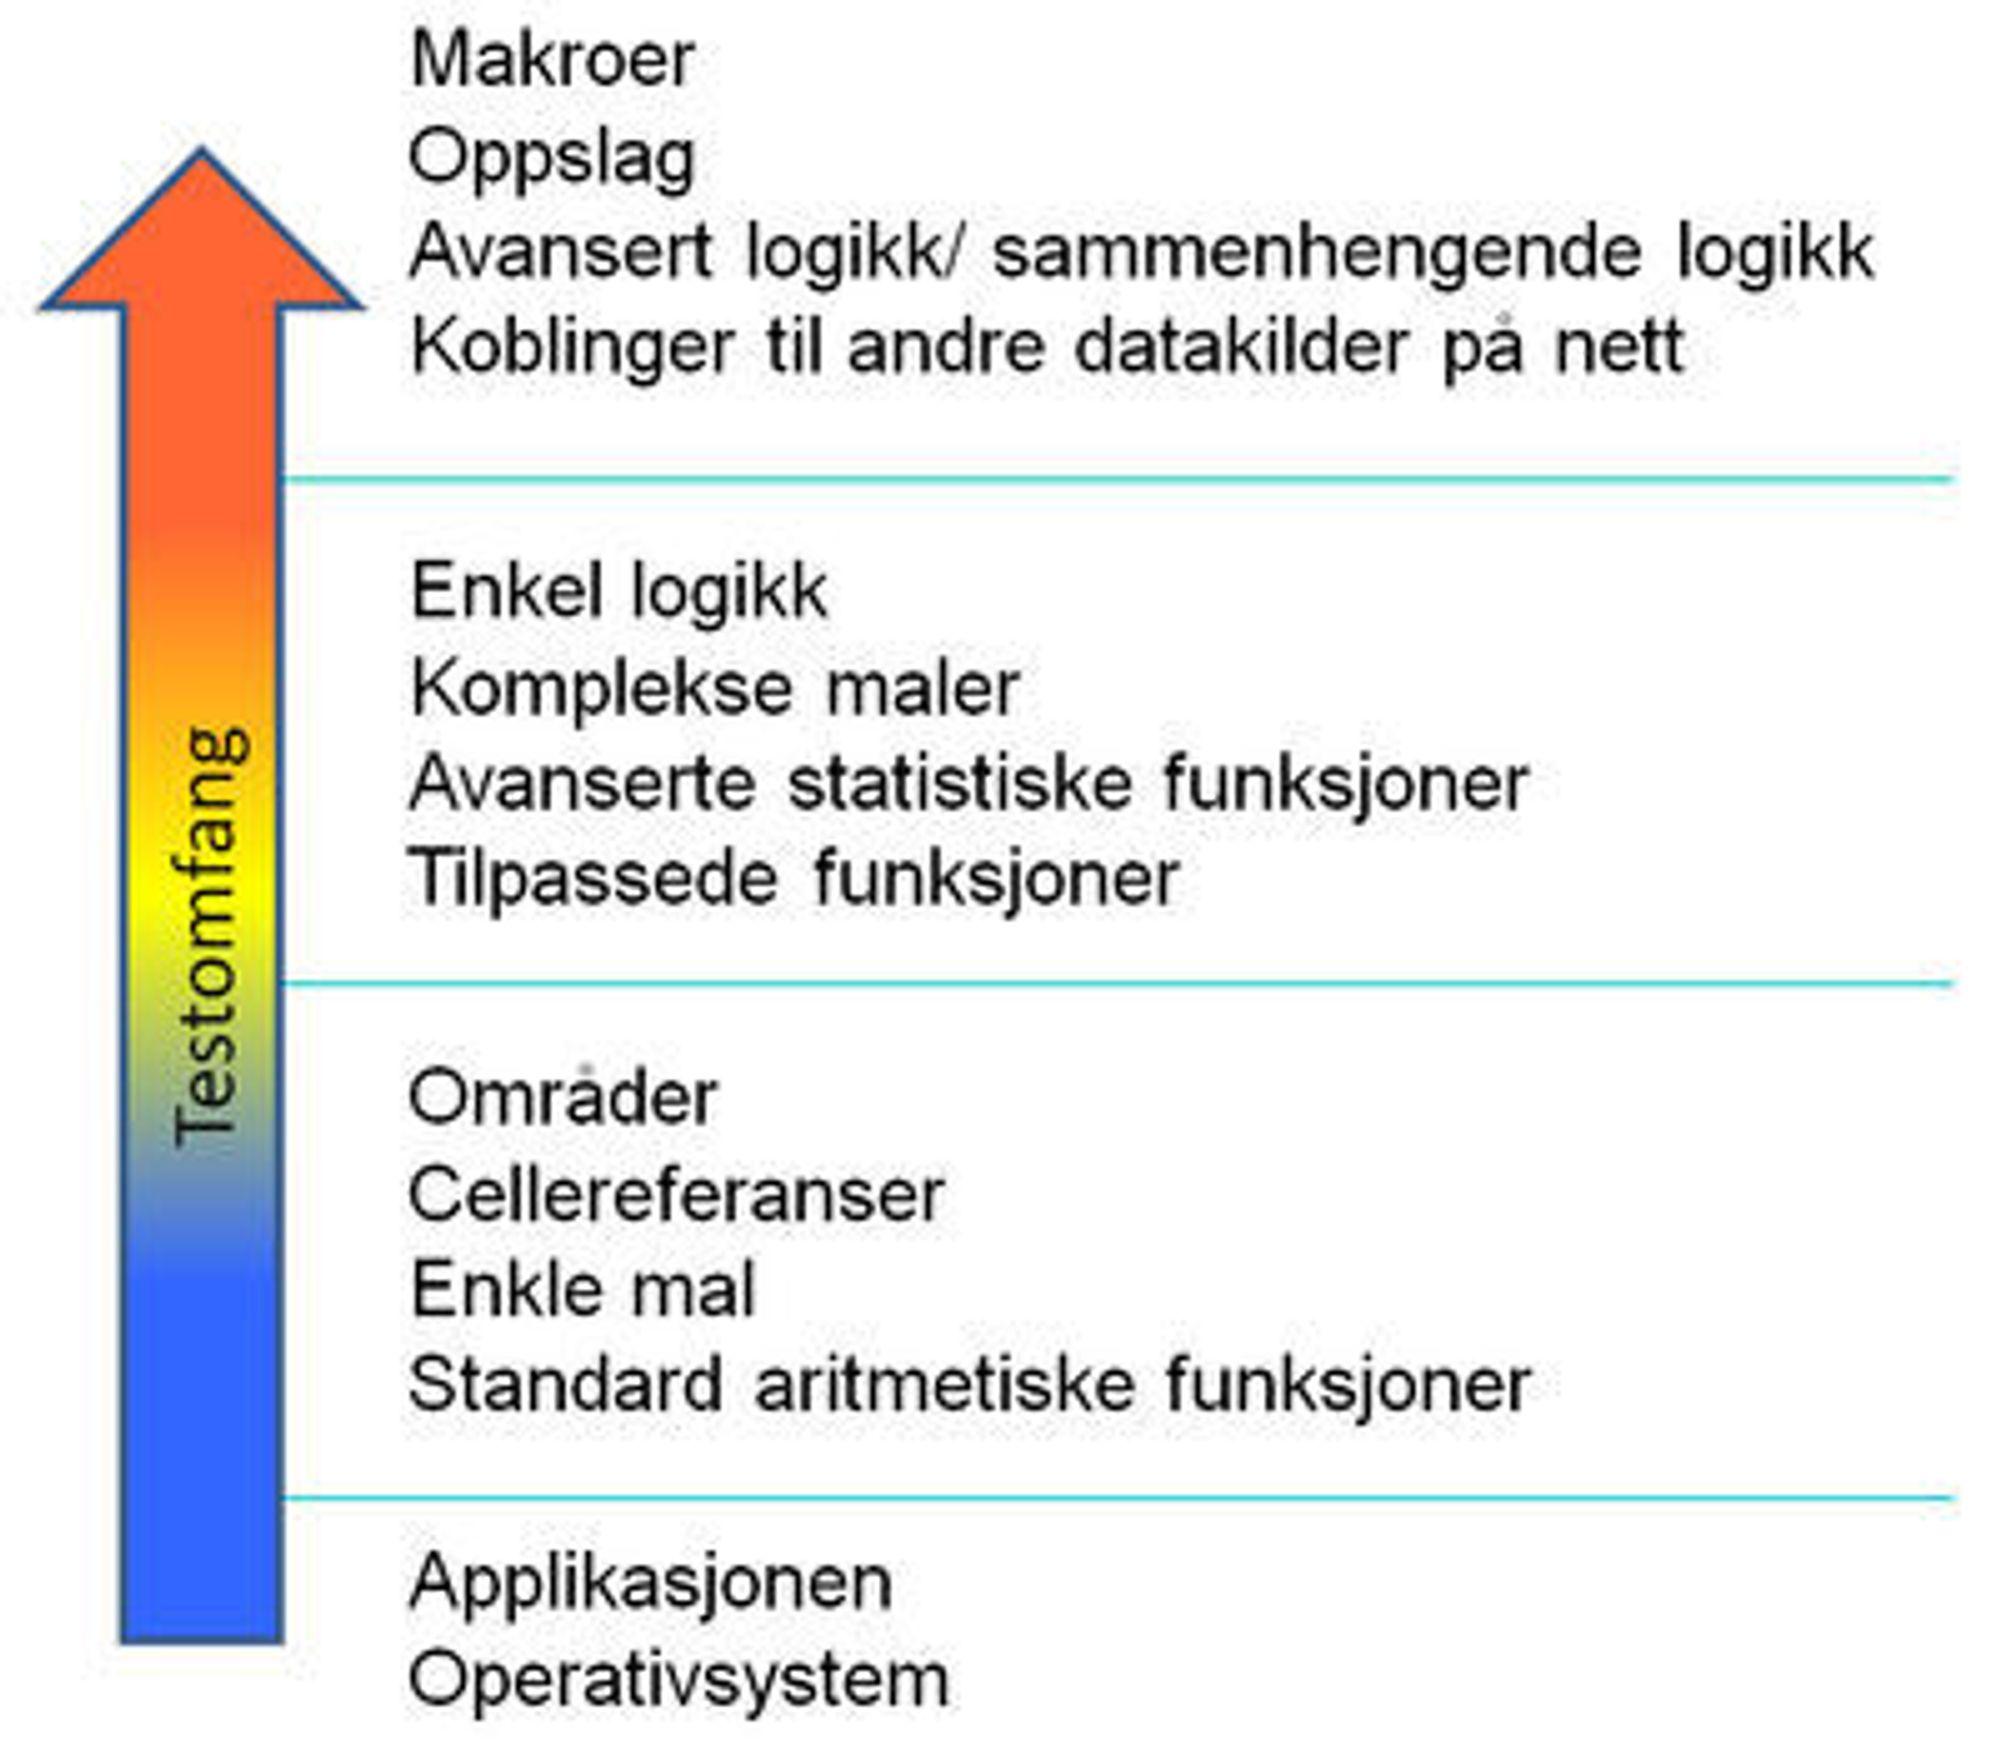 Figur 1: Innsatsen i testfasen øker med økende kompleksitet i regnearket.